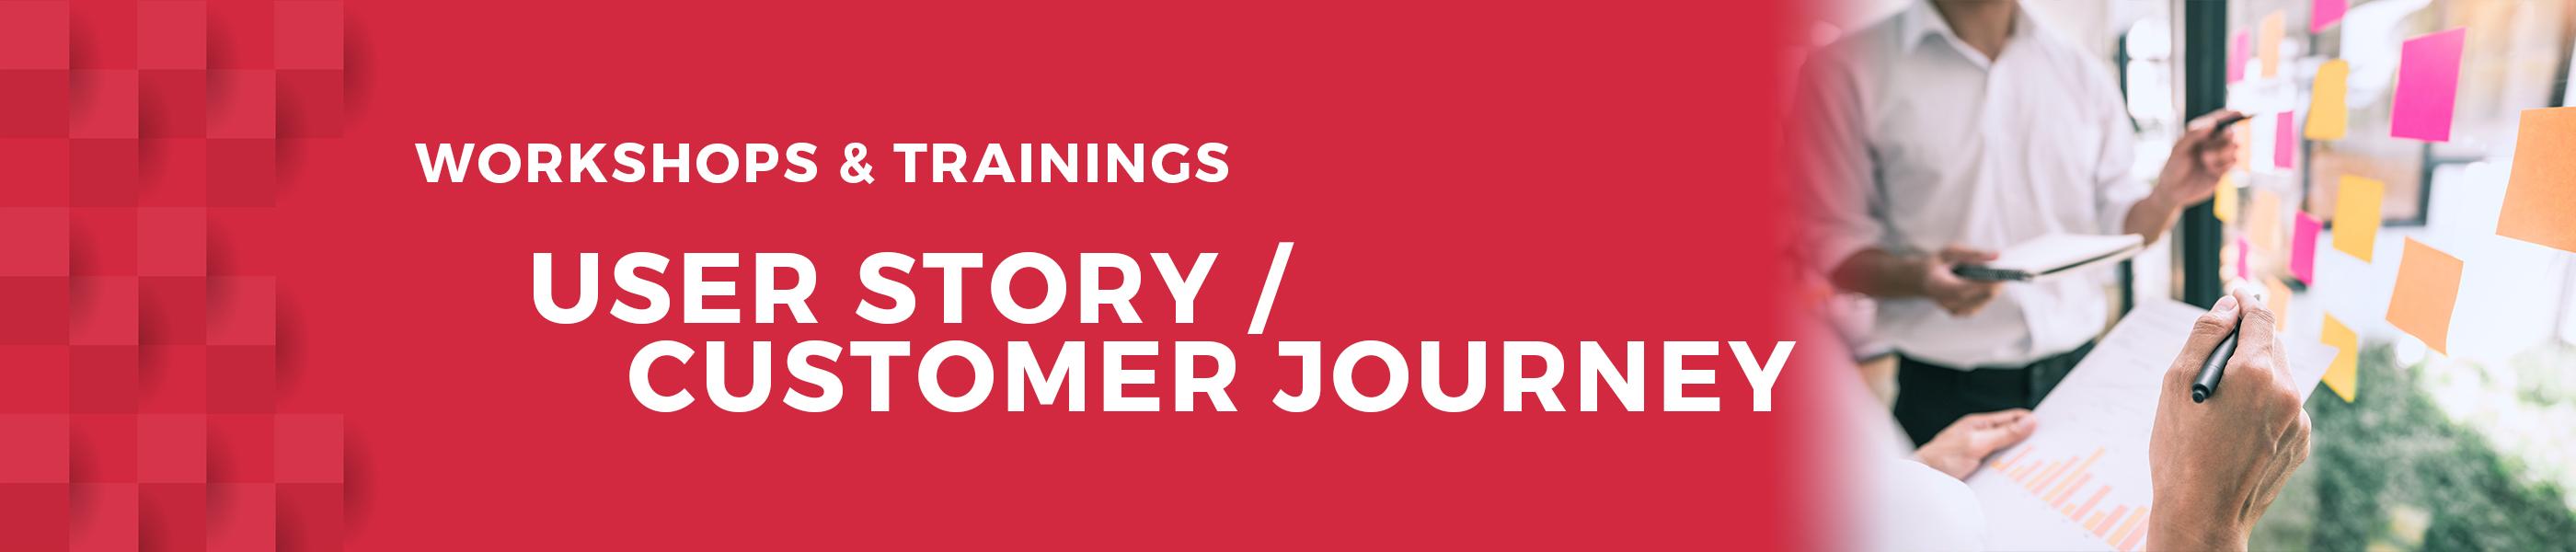 User story business marketing workshop